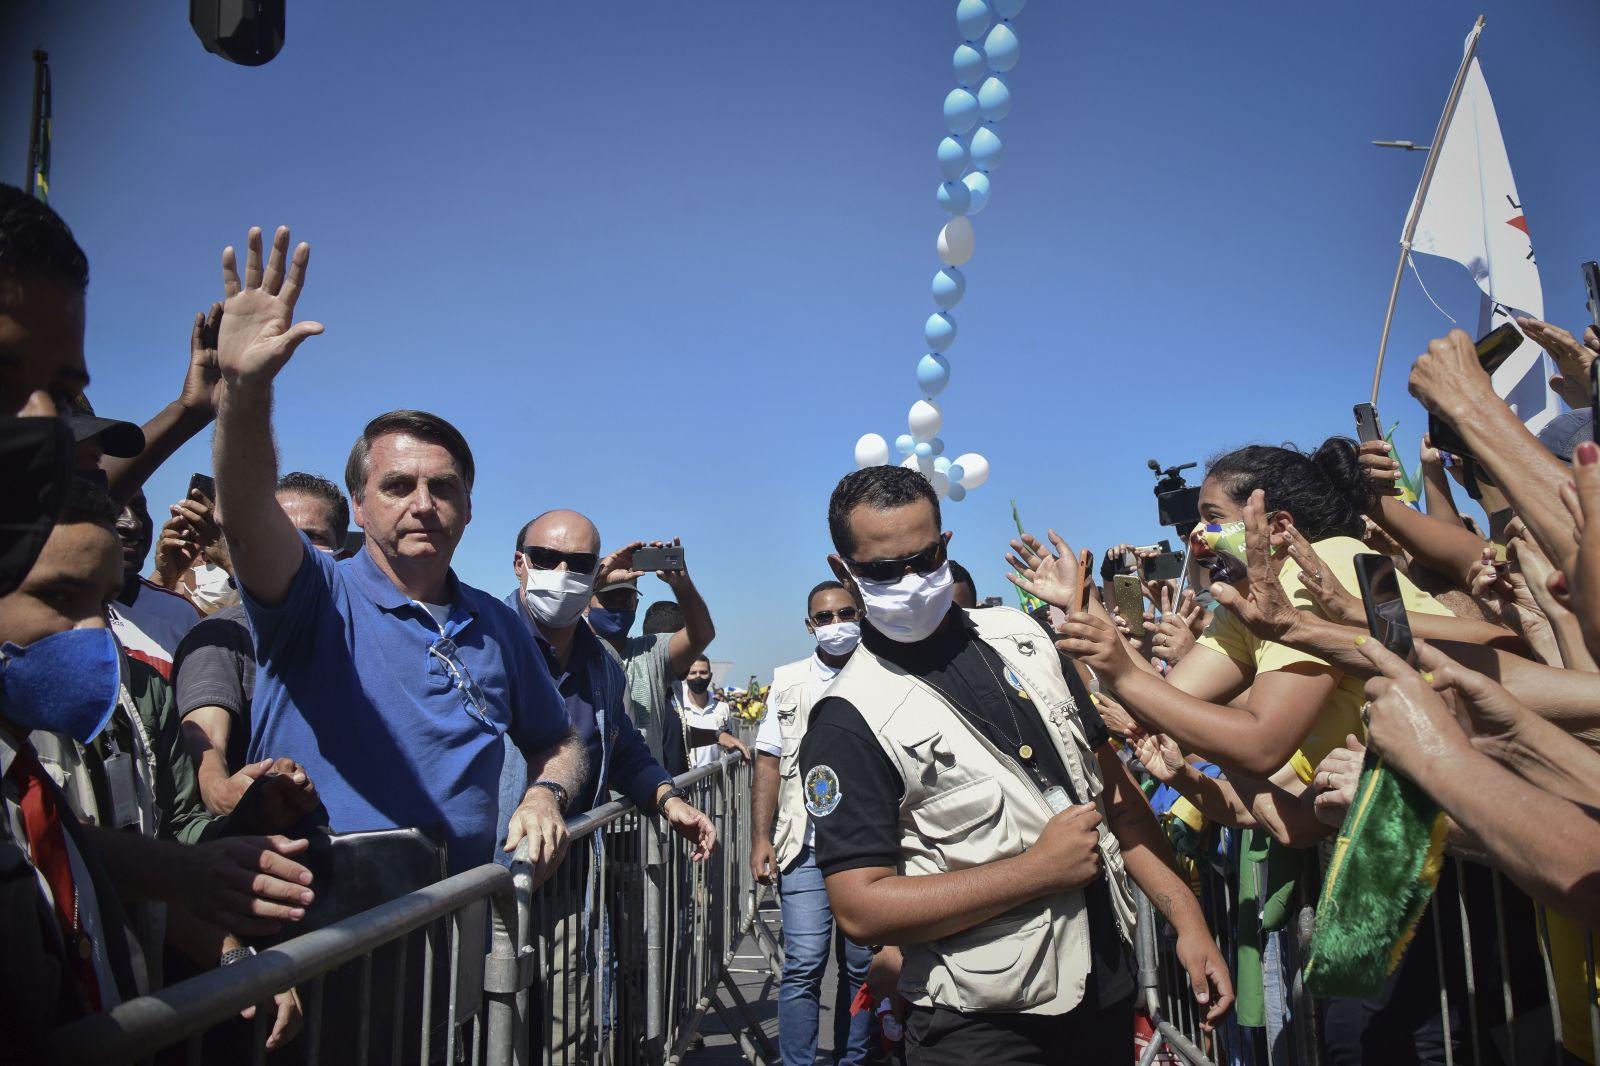 Prezident Jair Bolsonaro sa naďalej stretáva s davmi svojich podporovateľov.